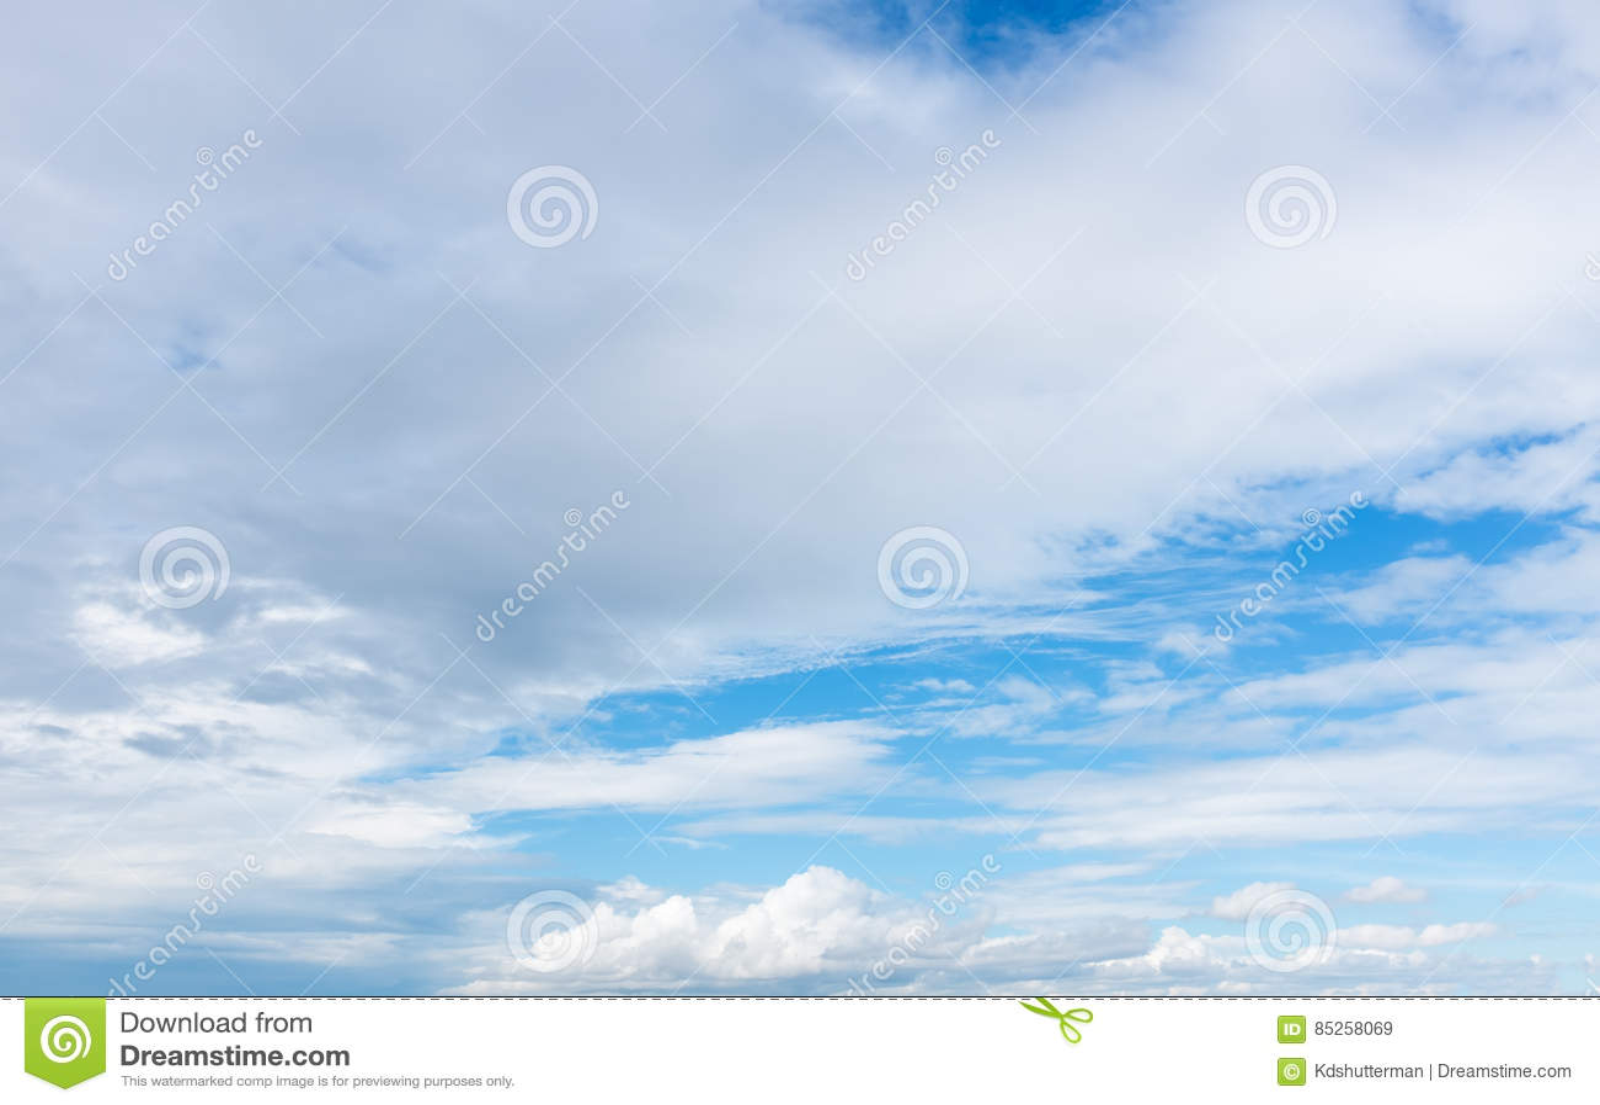 Bello cielo blu con nuvoloso Priorità bassa della natura all aperto